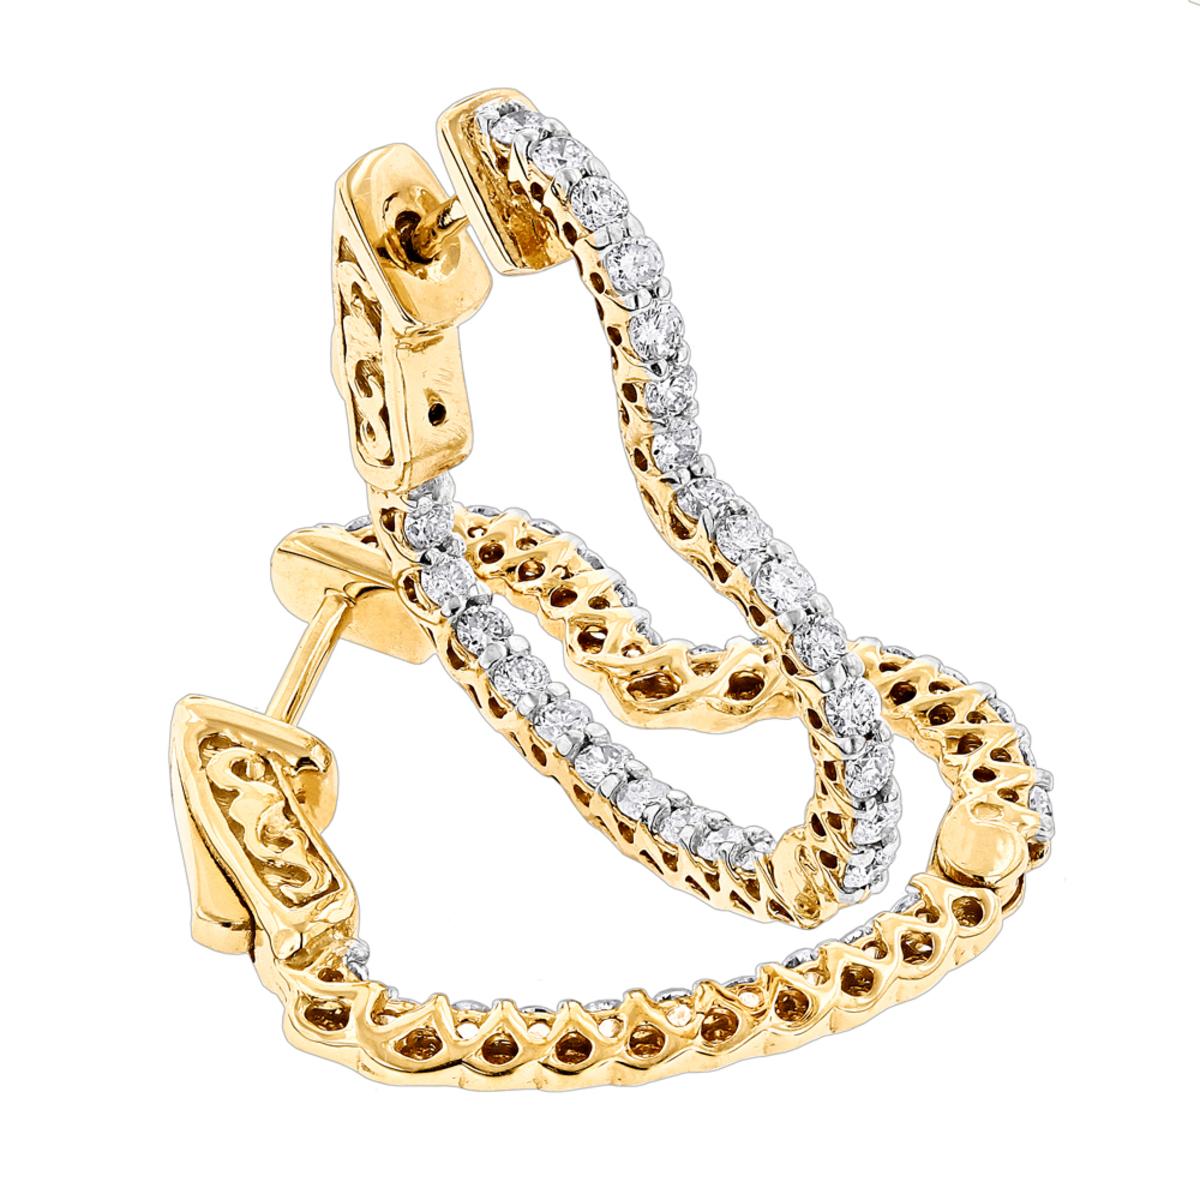 14K Gold Heart Diamond Hoop Earrings Inside Out Design 1 Carat by Luxurman